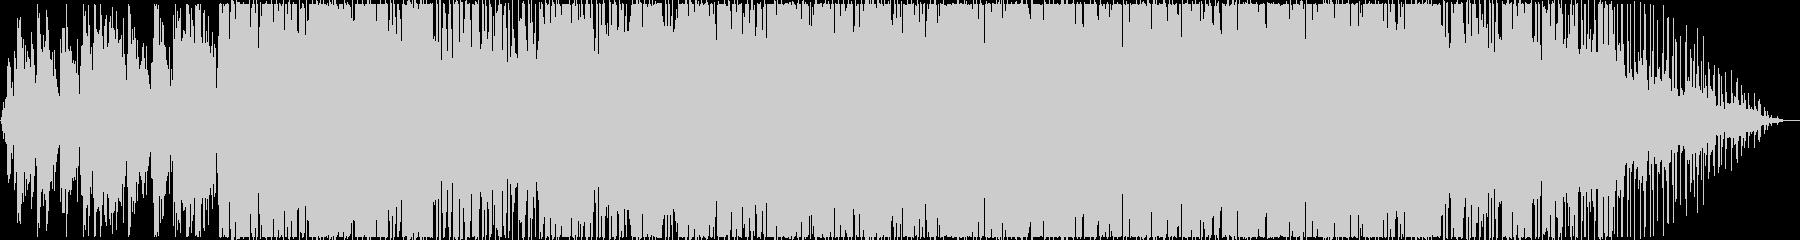 優しく切ないミディアムテンポR&Bポップの未再生の波形